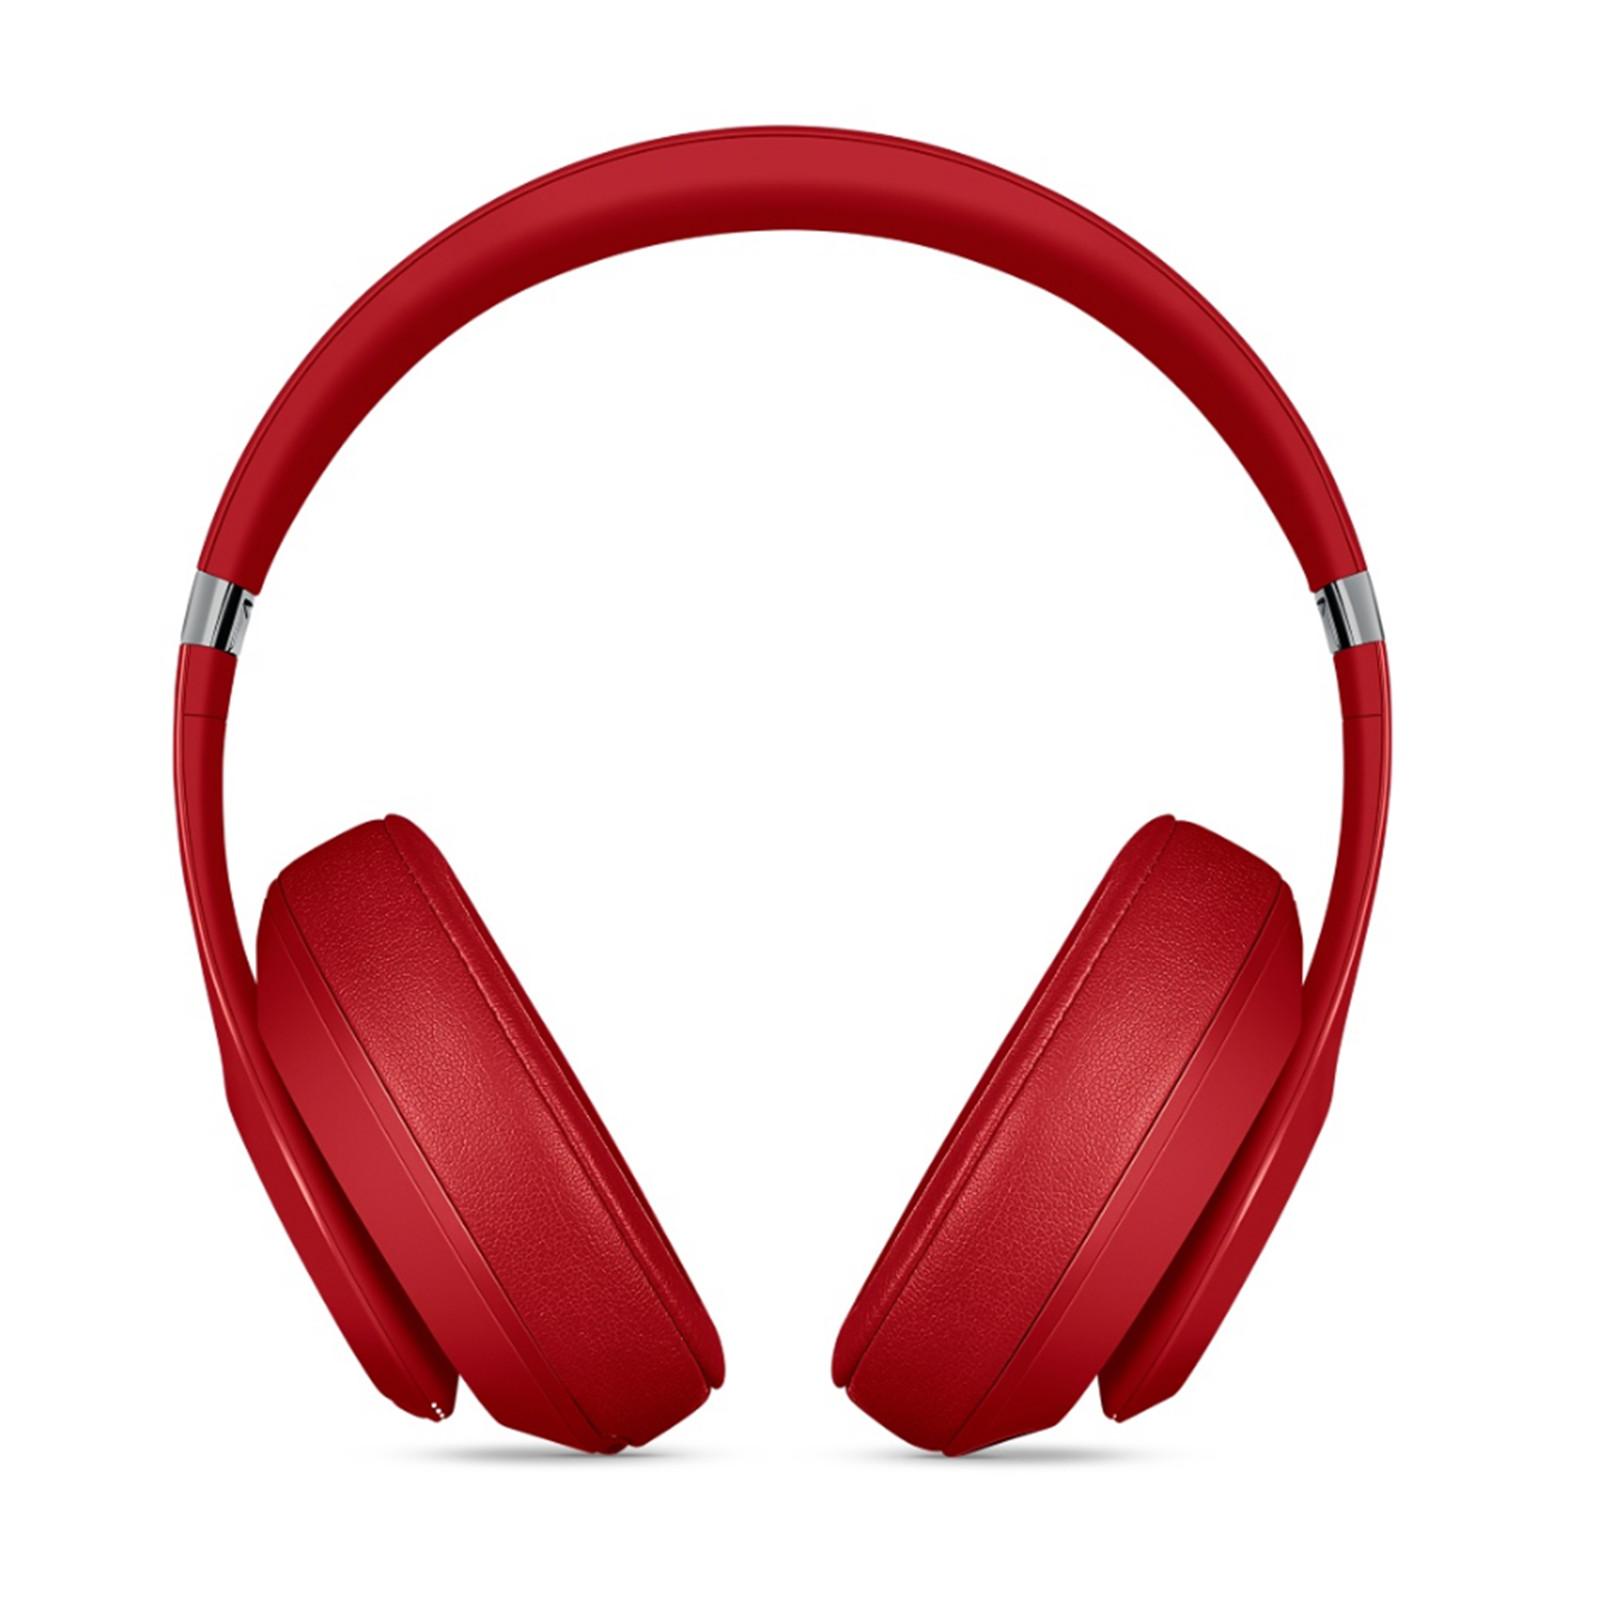 Buy the Beats Studio3 Wireless Over-Ear Headphones - Red